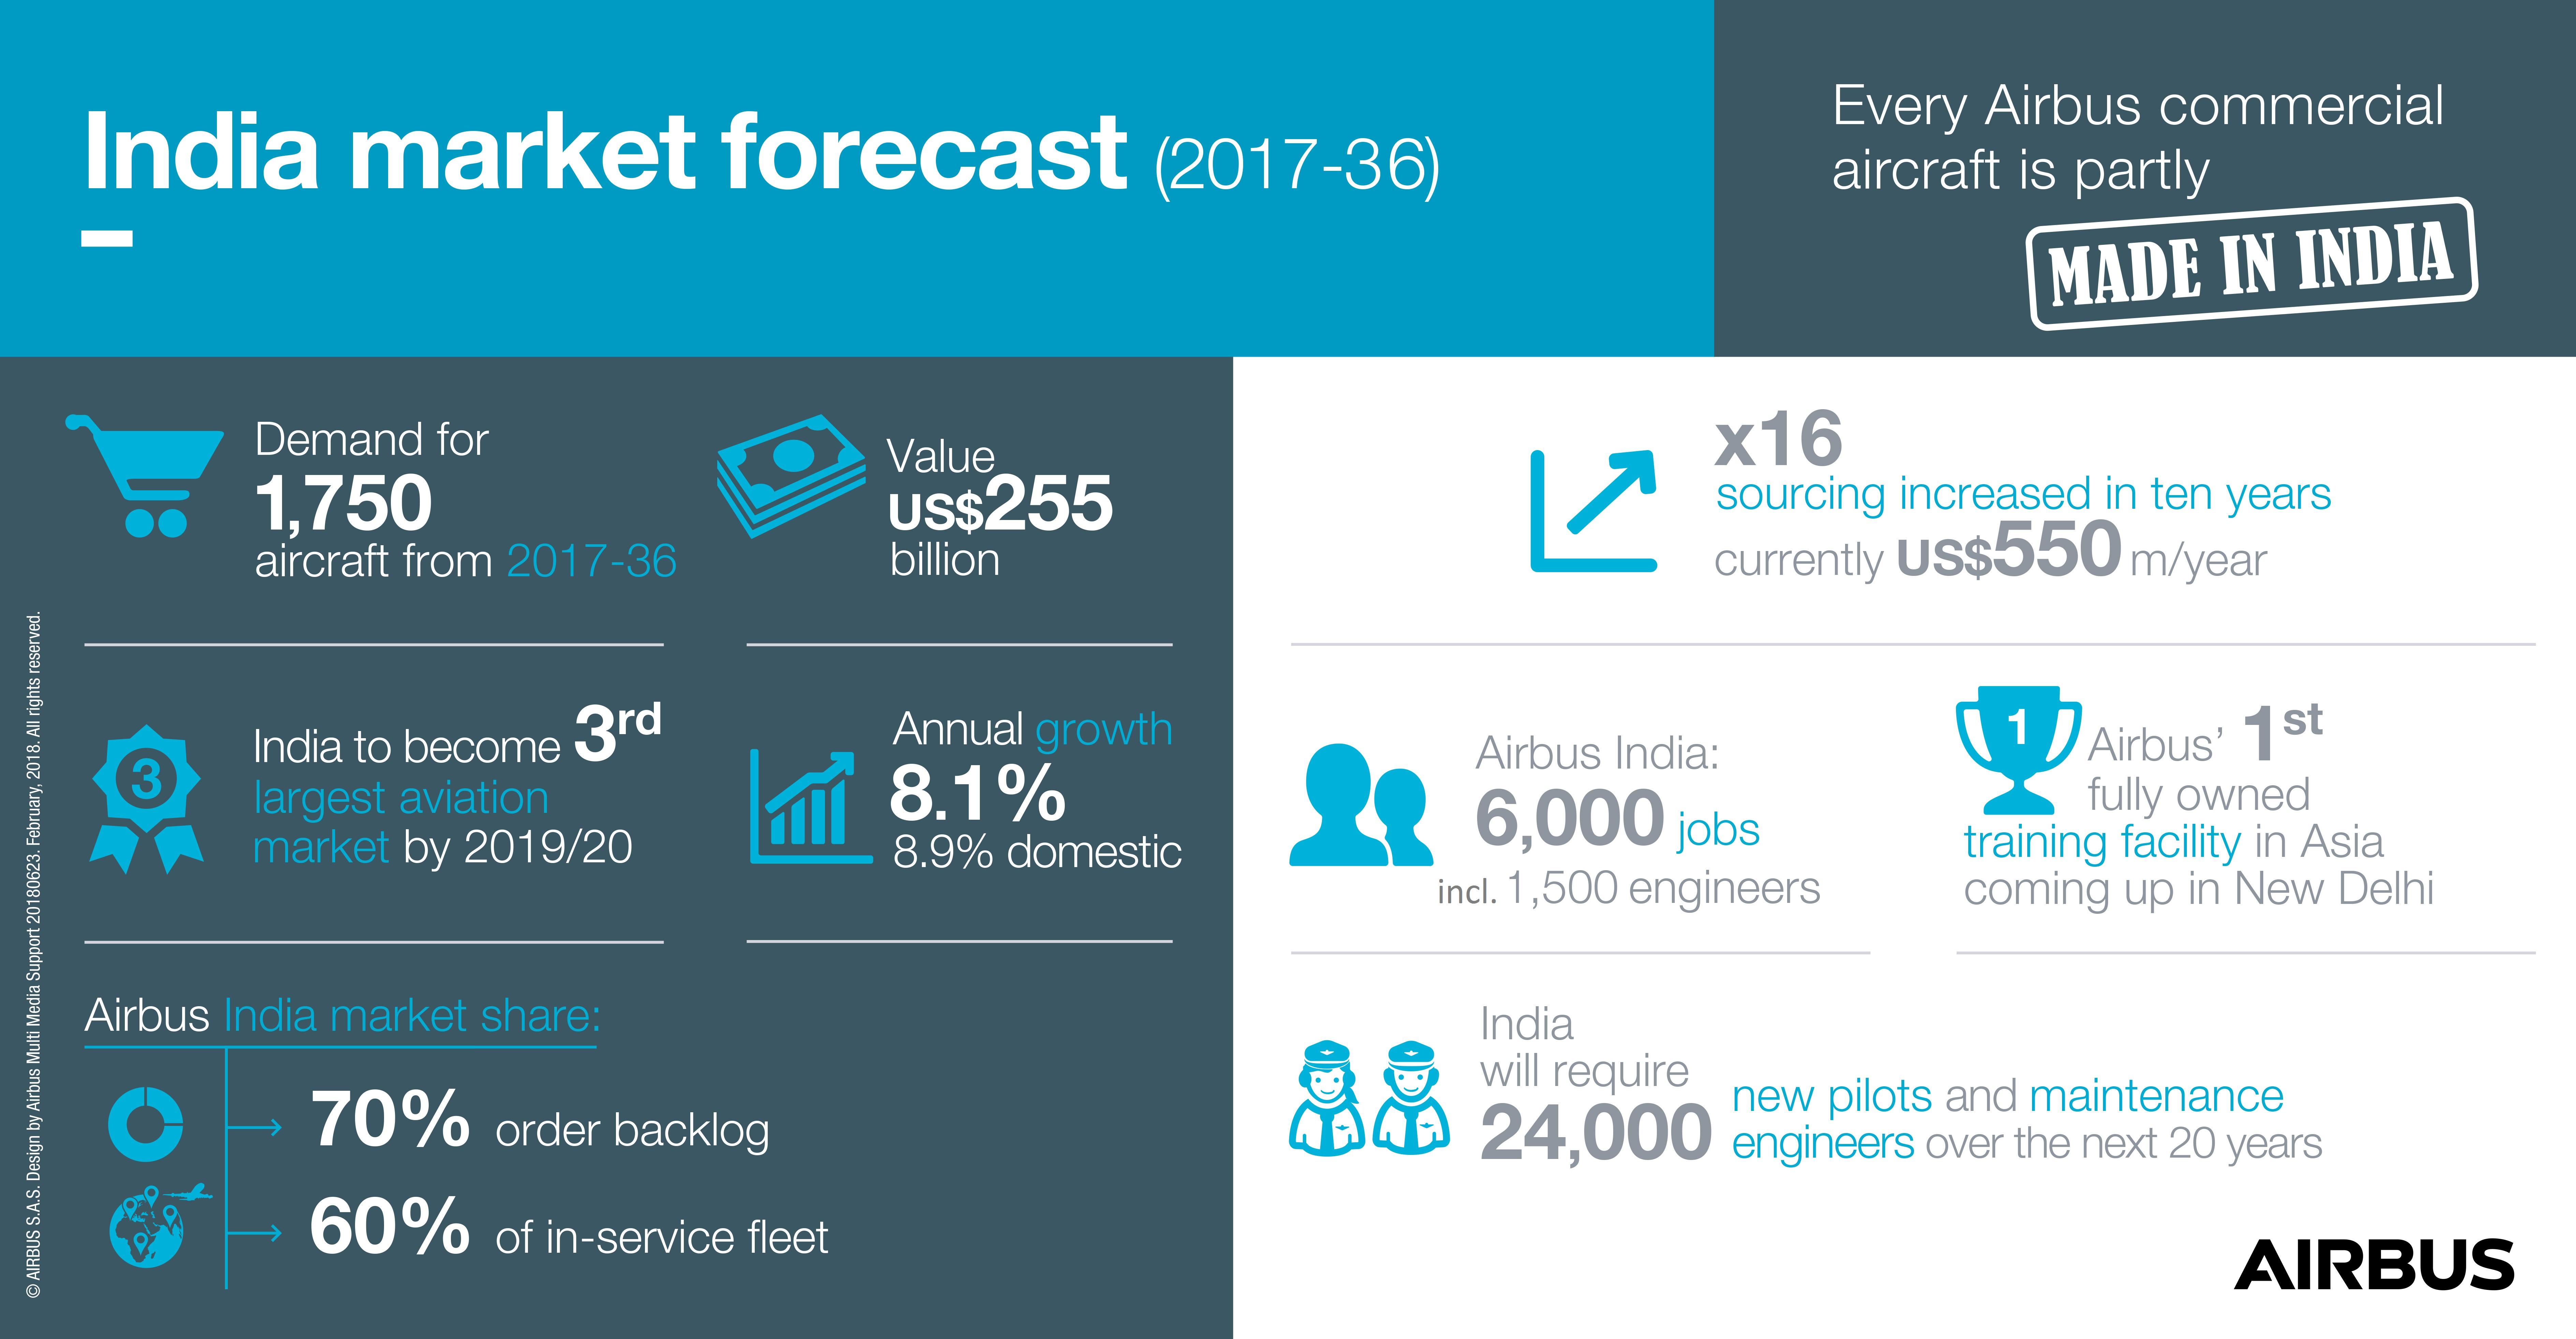 India-Market-Forecast-infographic